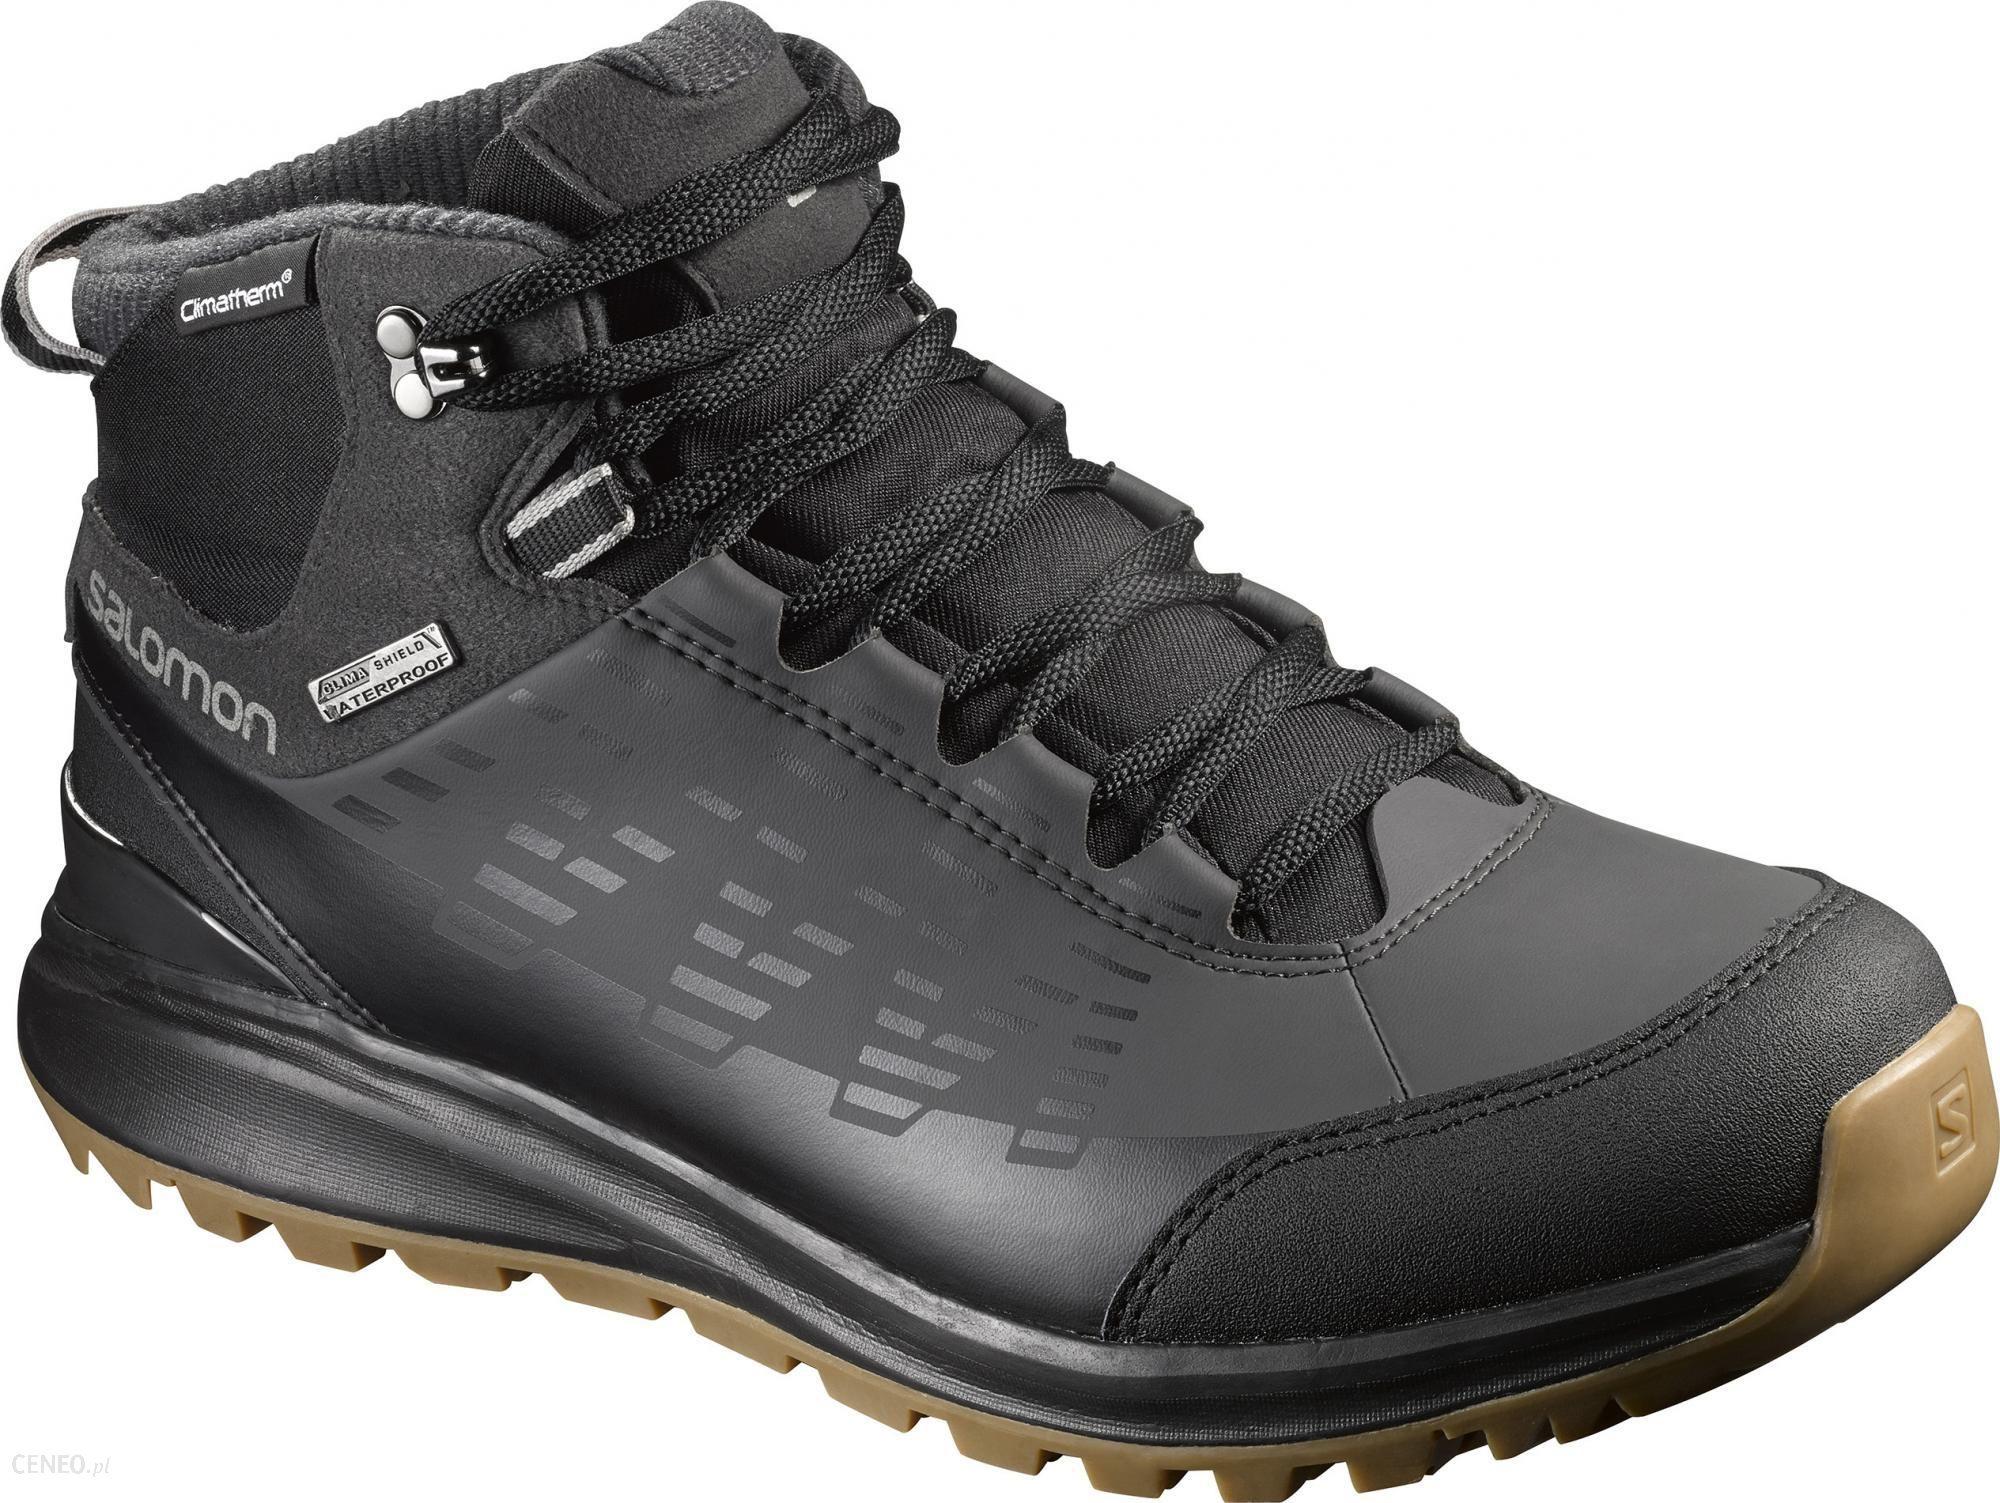 Salomon Buty trekkingowe Salomon X ULTRA MID 2 GTX M L39867400 L39867400*4513